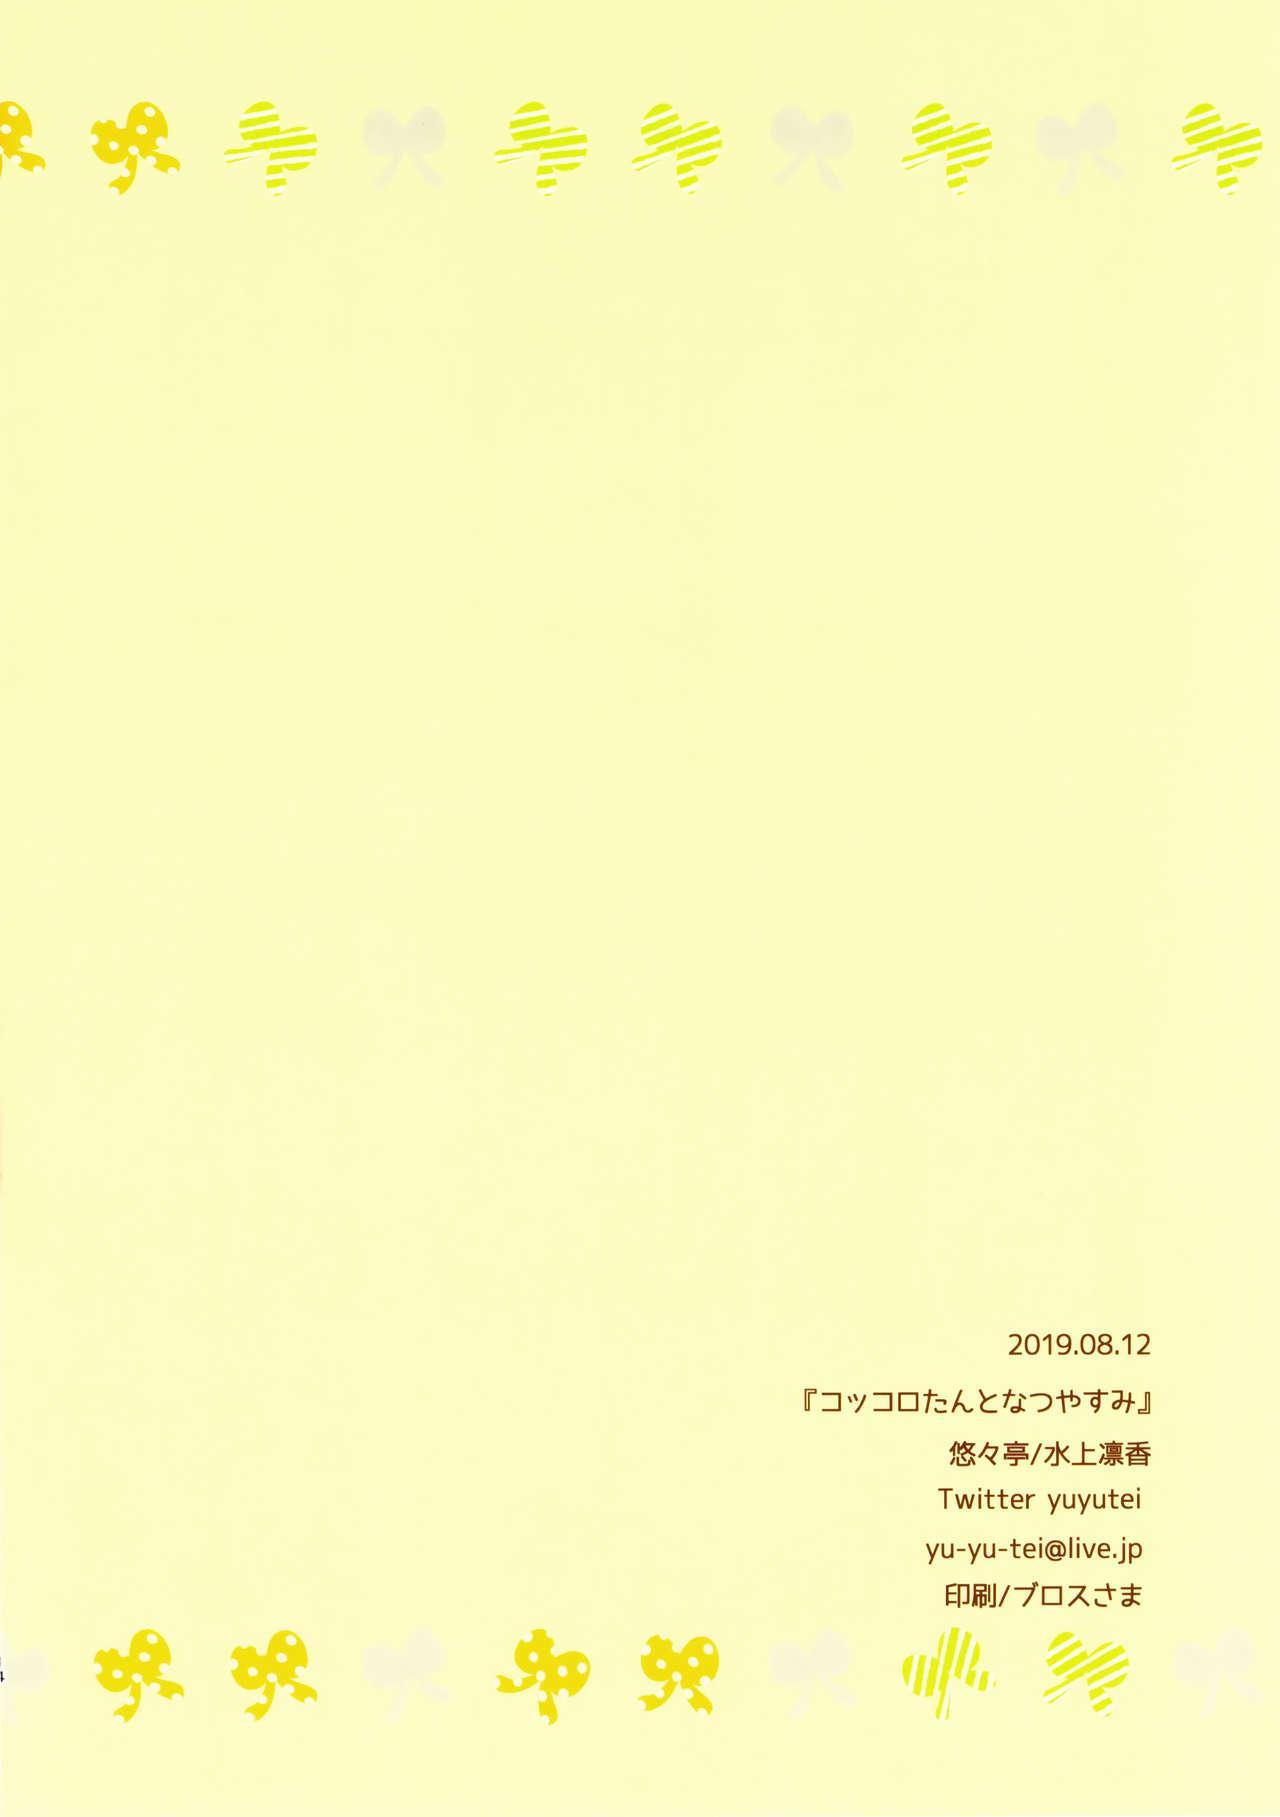 Kokkoro-tan to Natsuyasumi 13